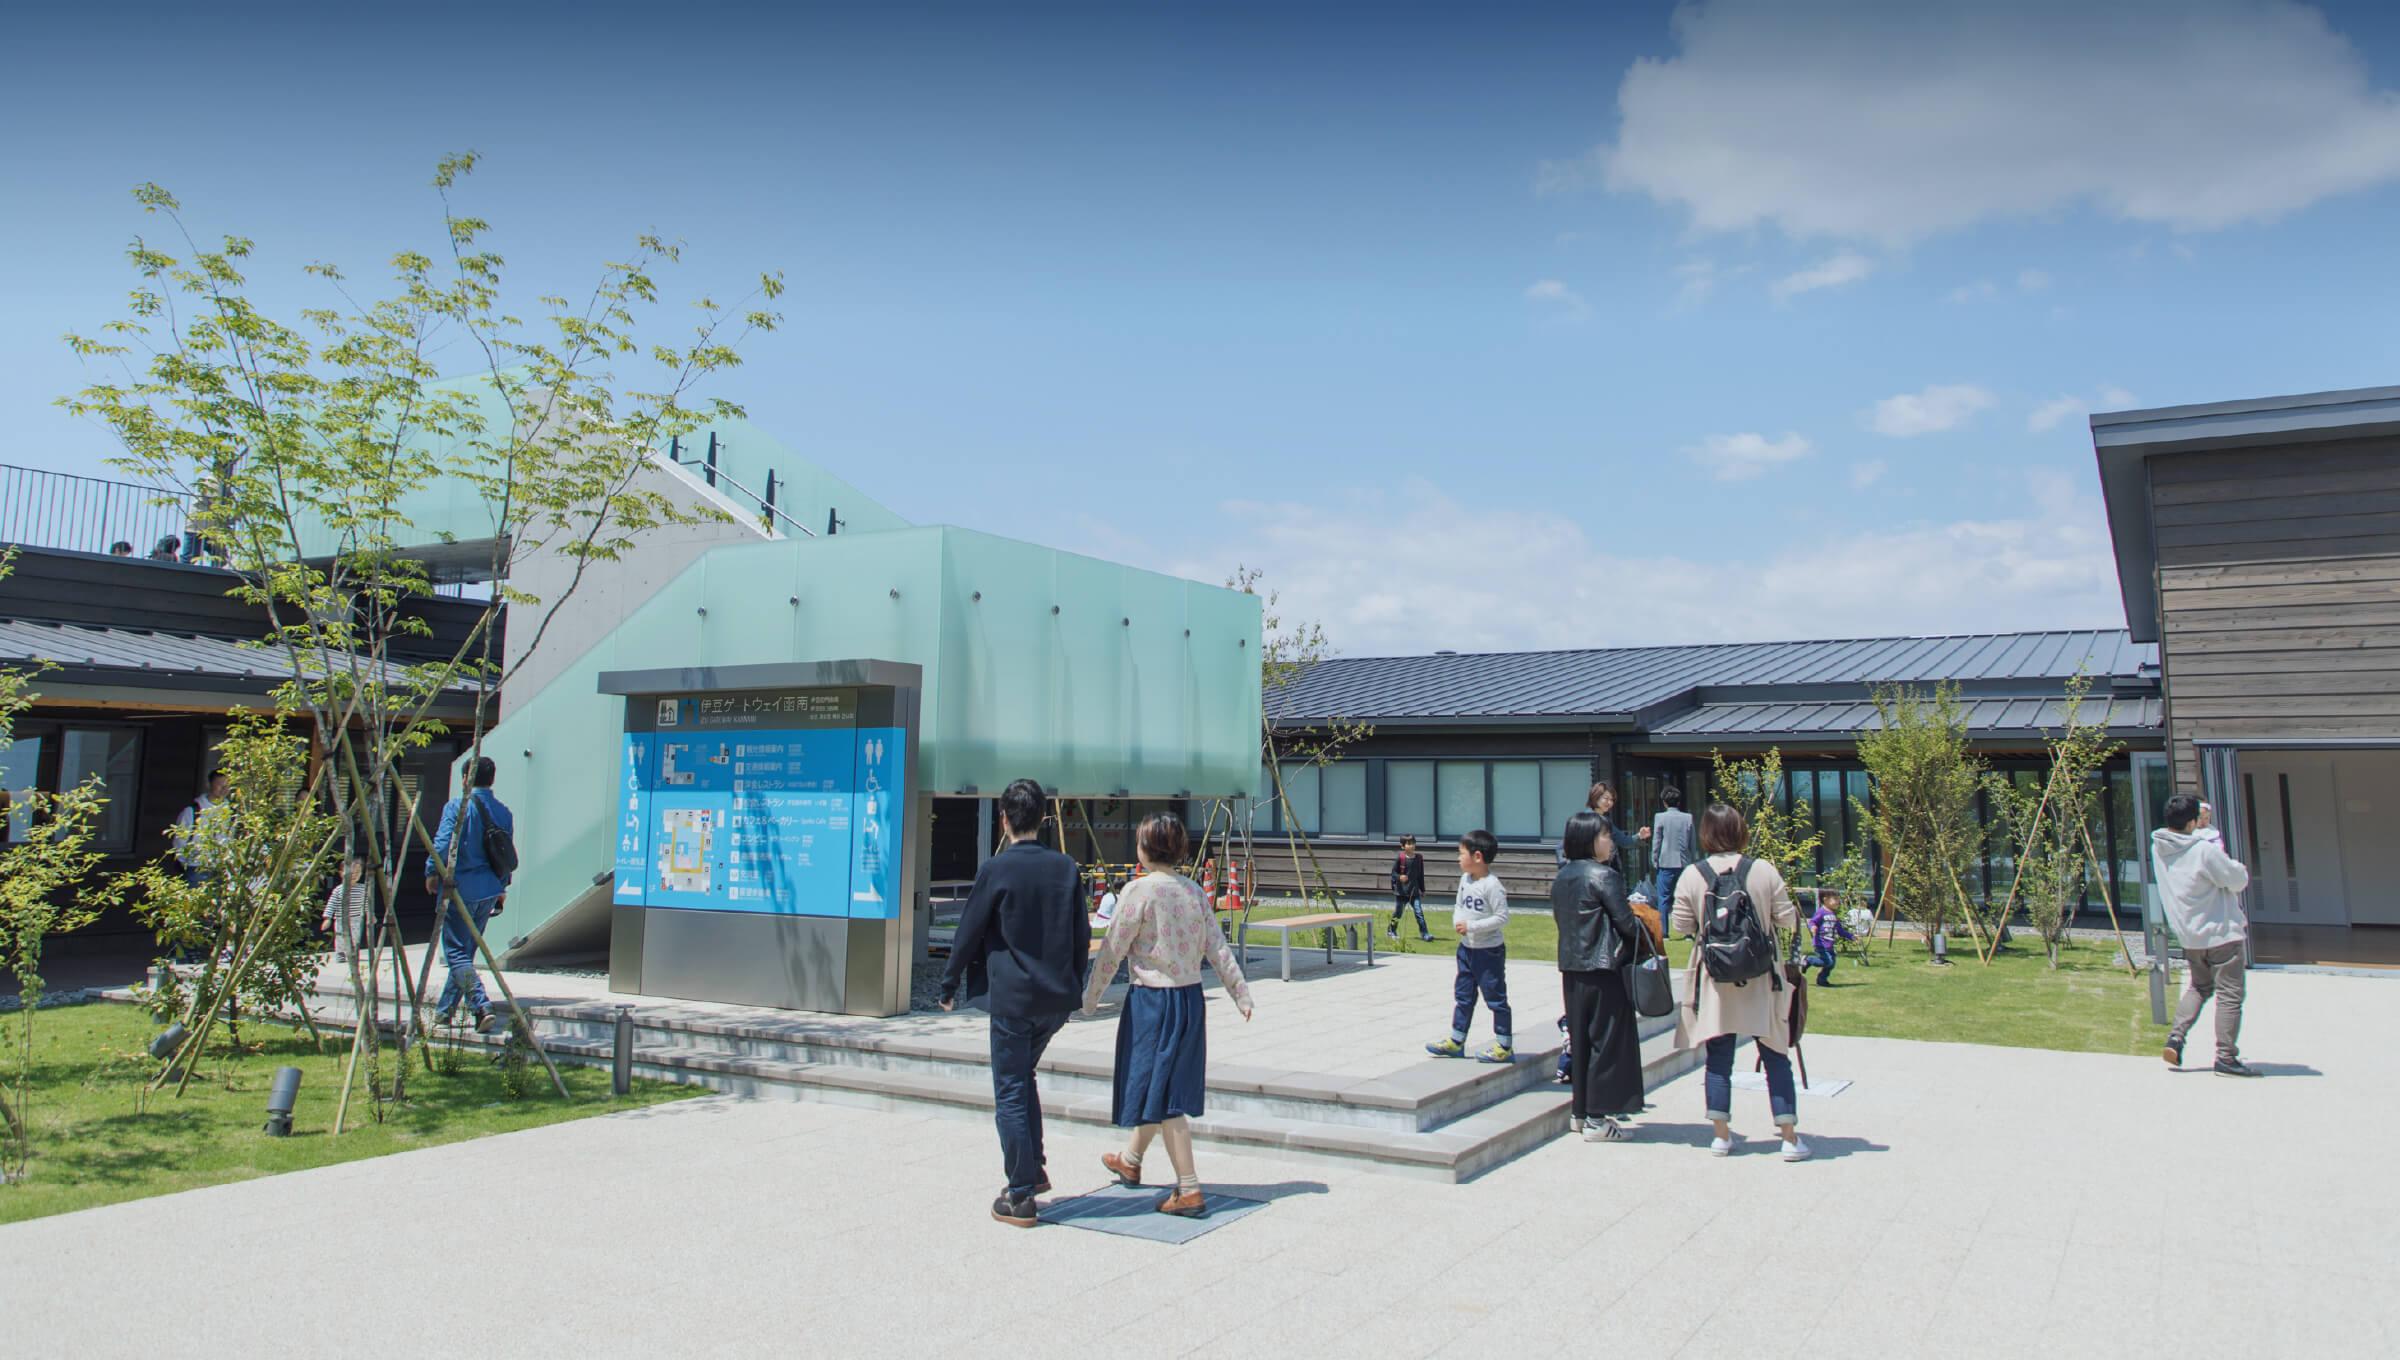 道の駅伊豆ゲートウェイ函南プロジェクト イメージ写真